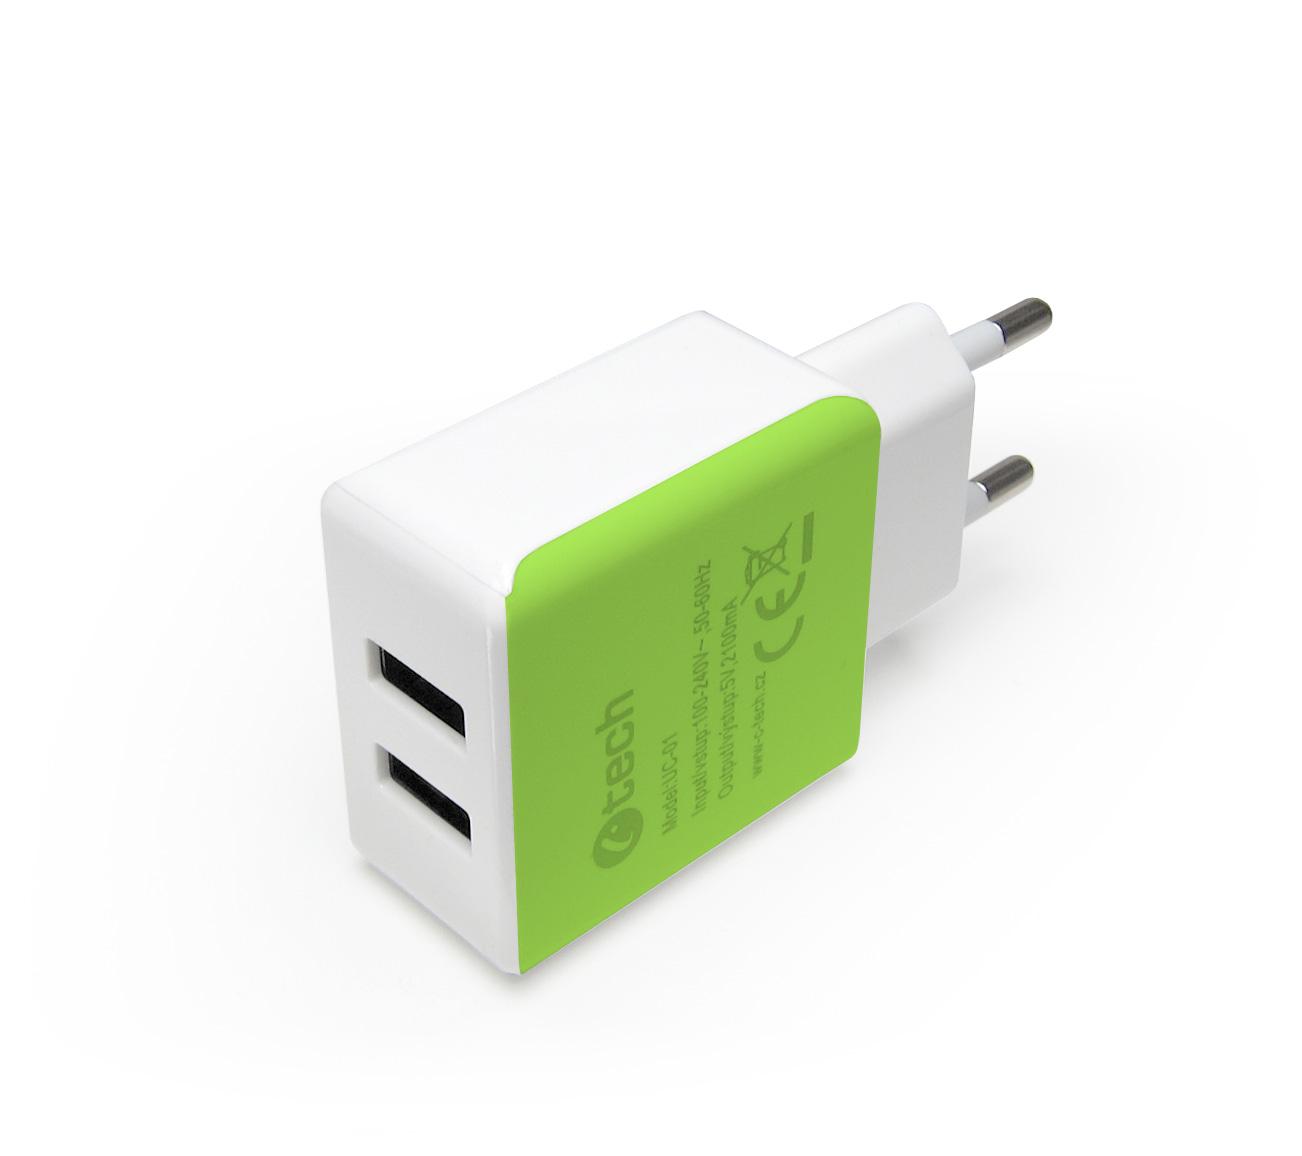 C-TECH Nabíječka USB UC-01, 2x USB, 2,1A, bílo-zelená